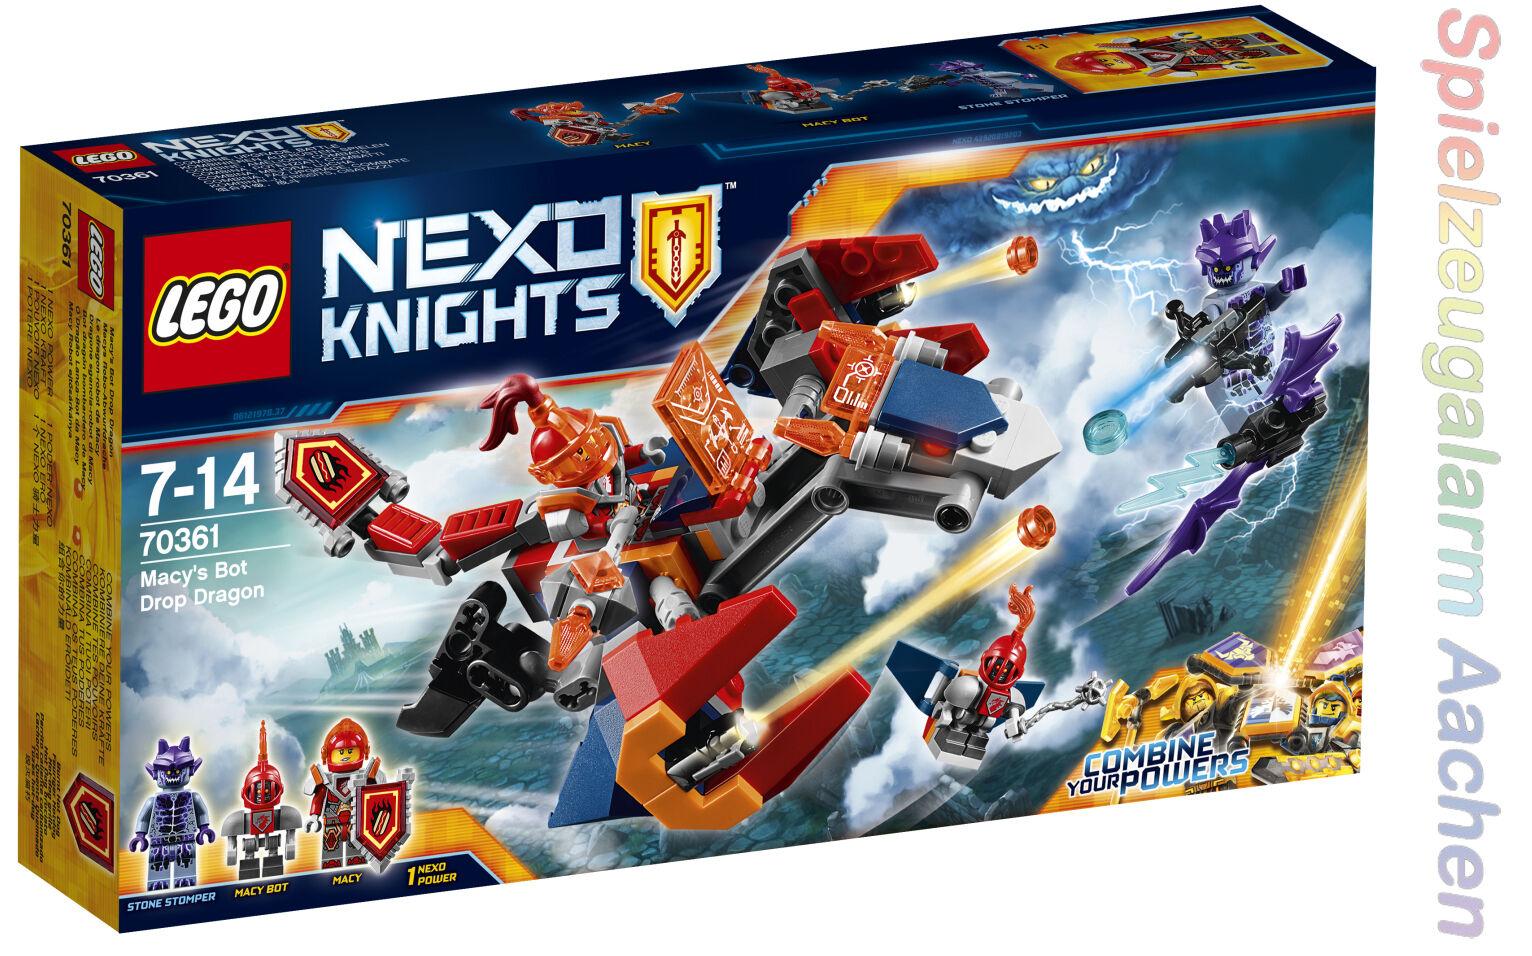 LEGO 70361 Nexo Knights Macys Robo Abwurfdrache mit Steinstampfer N6 17